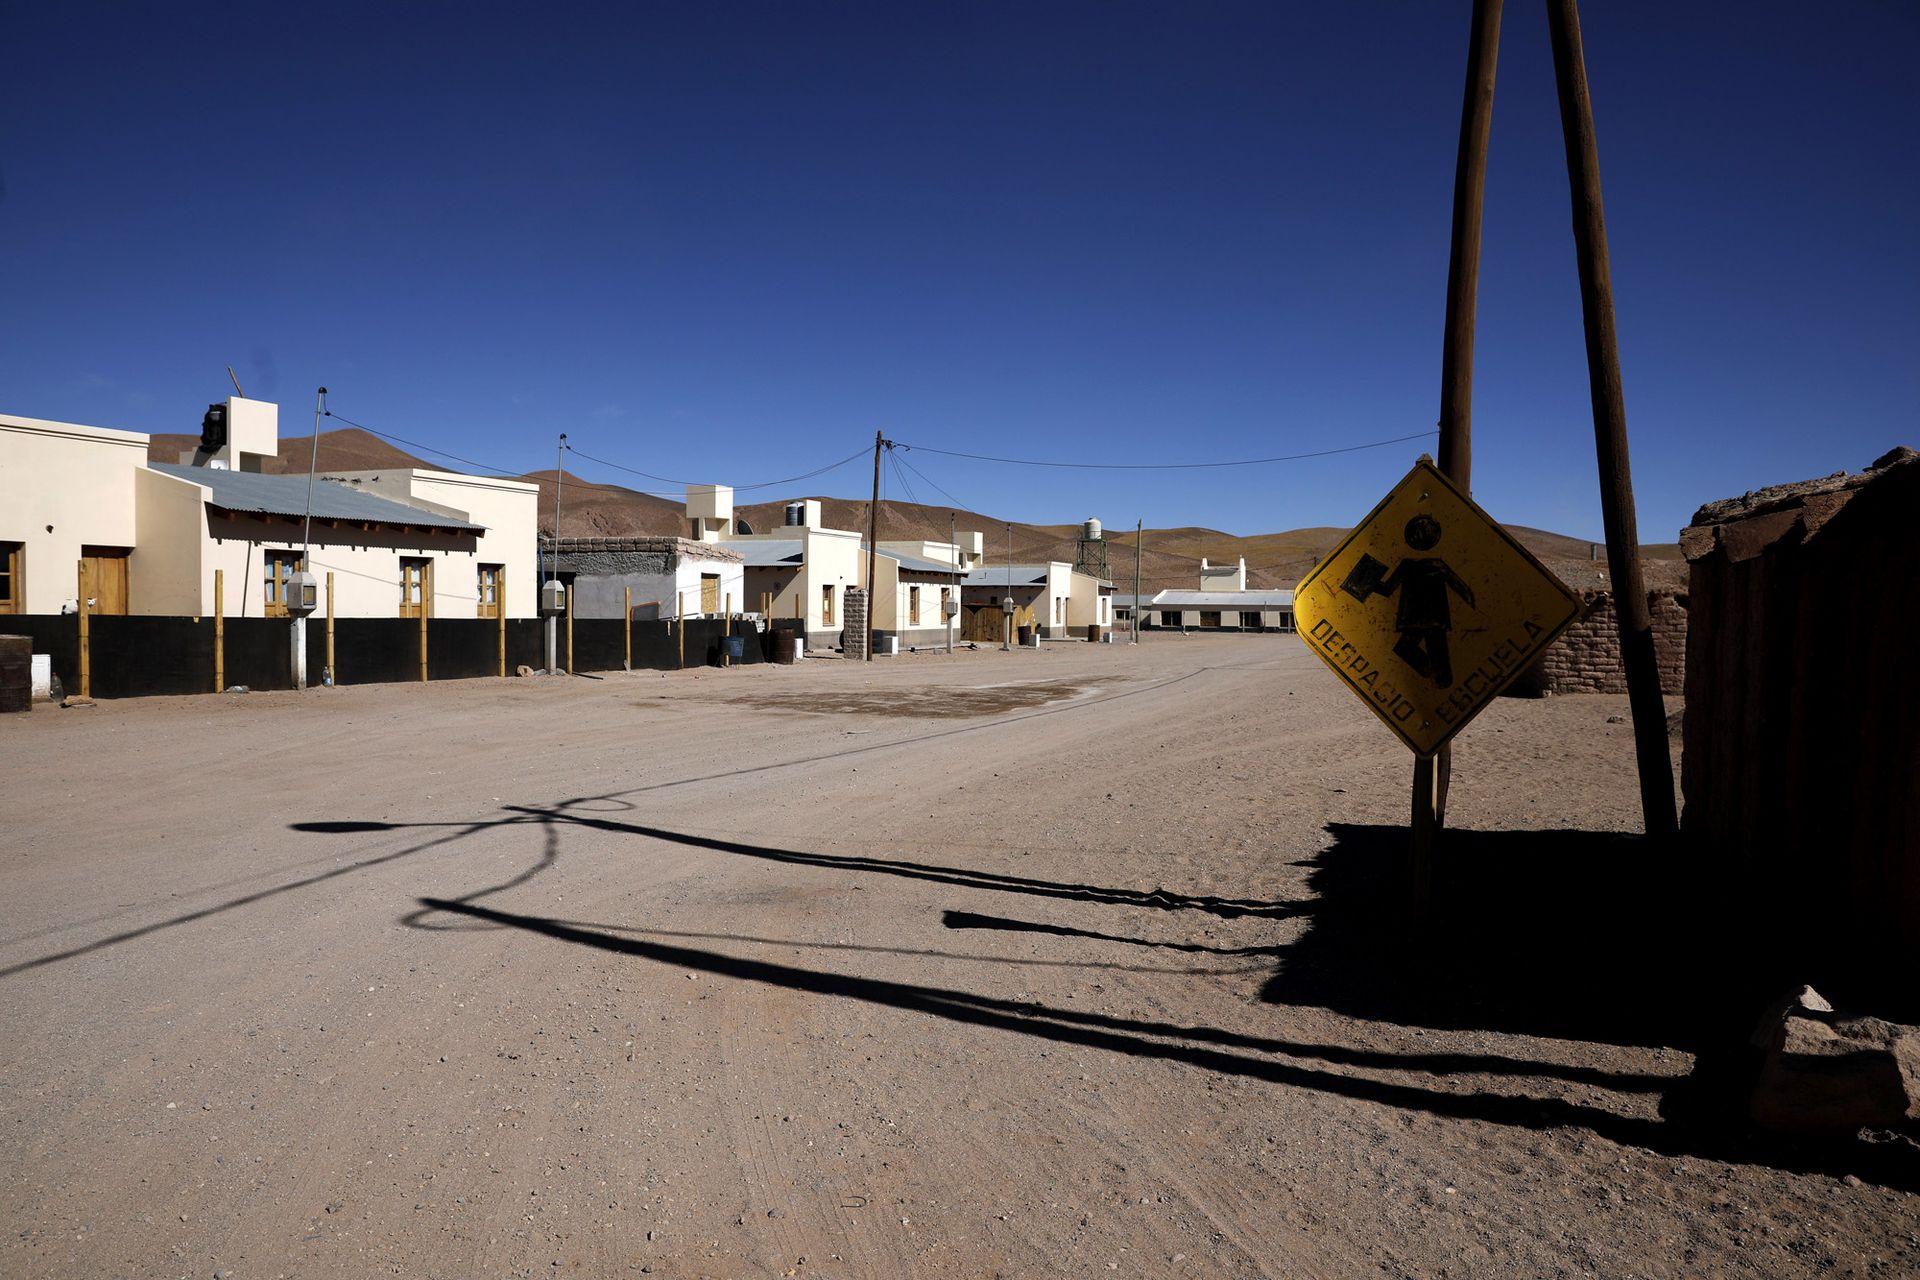 Una de las calles del pueblo de Olacapato